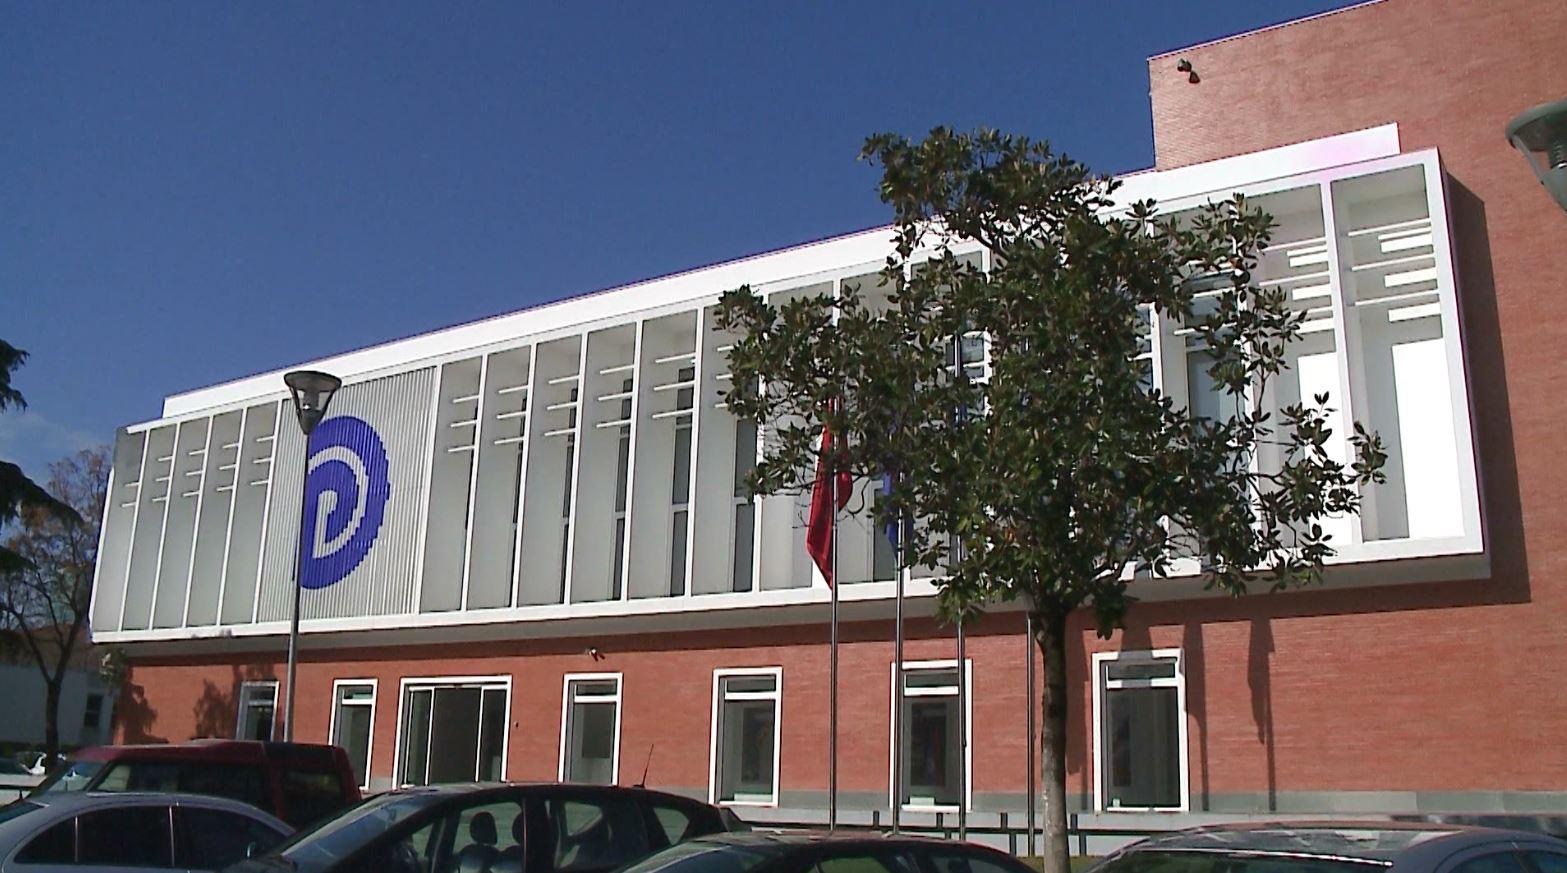 Kandidatët e PD për deputetë, përfundon procesi i zgjedhjeve të brendshme në Tiranë